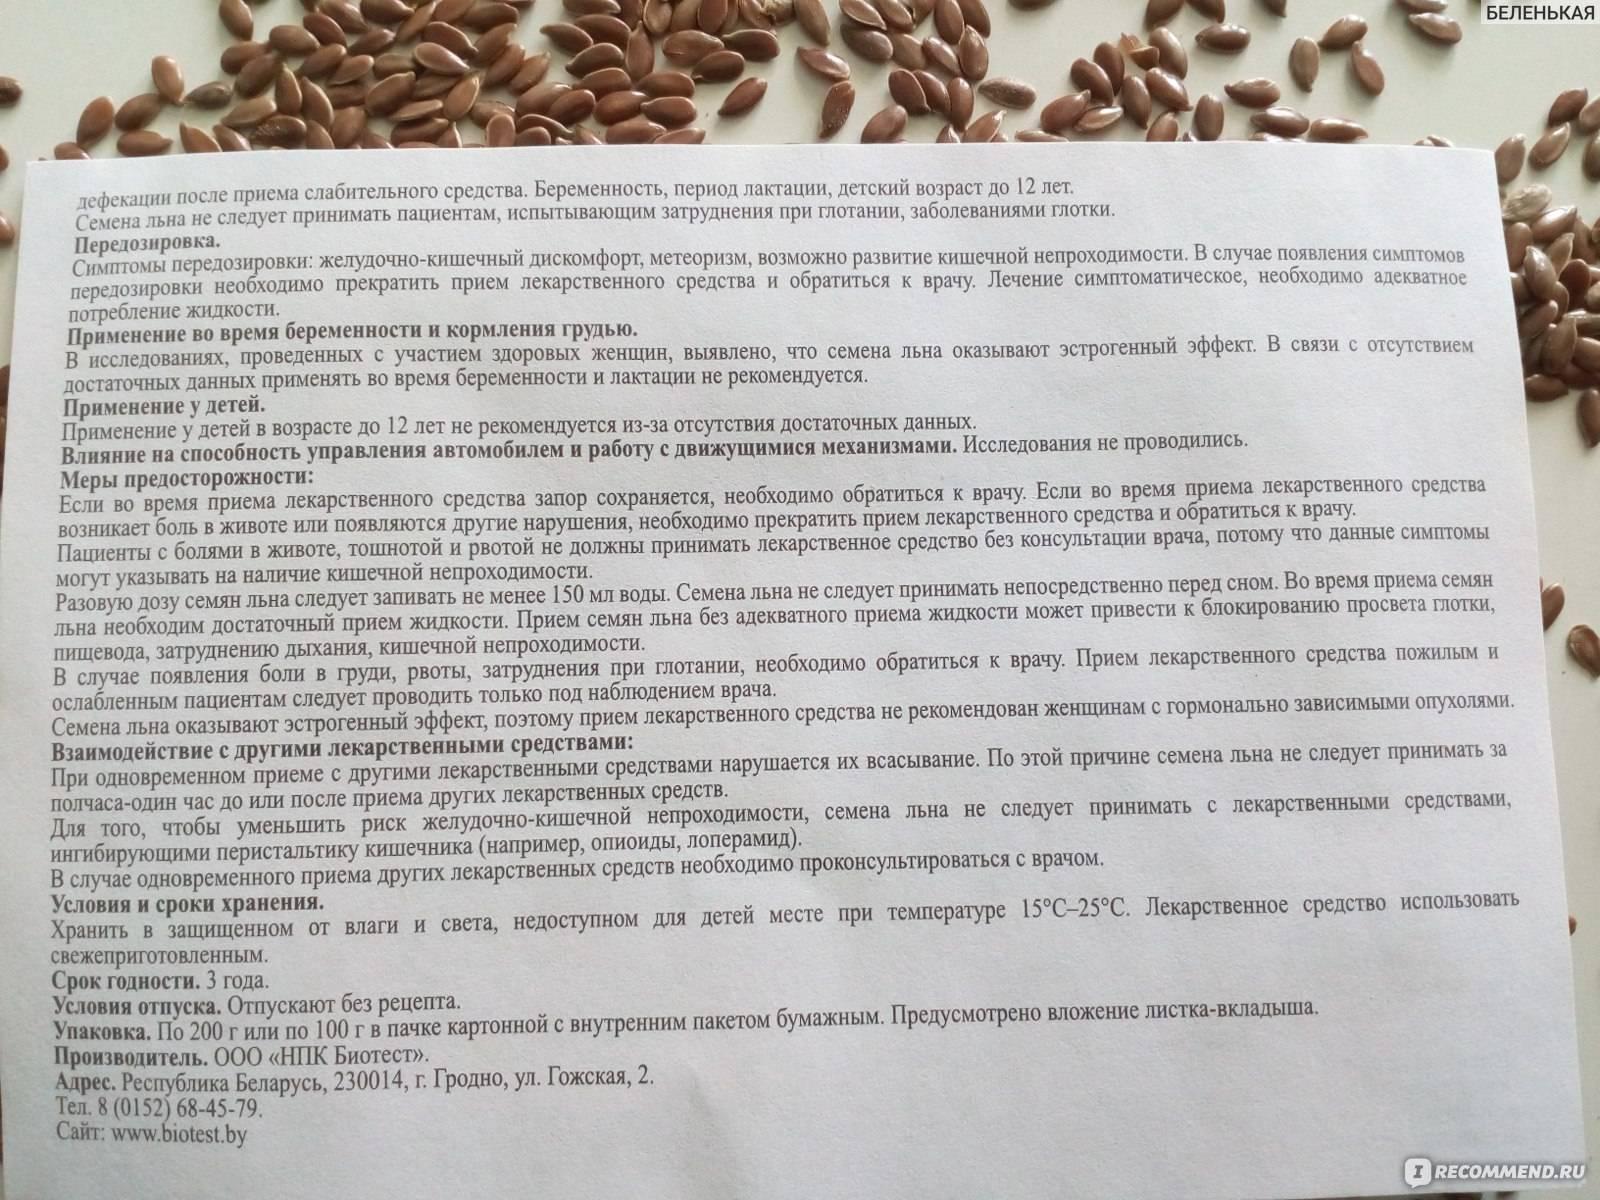 Лечение семенами льна - рецепты при различных заболеваниях